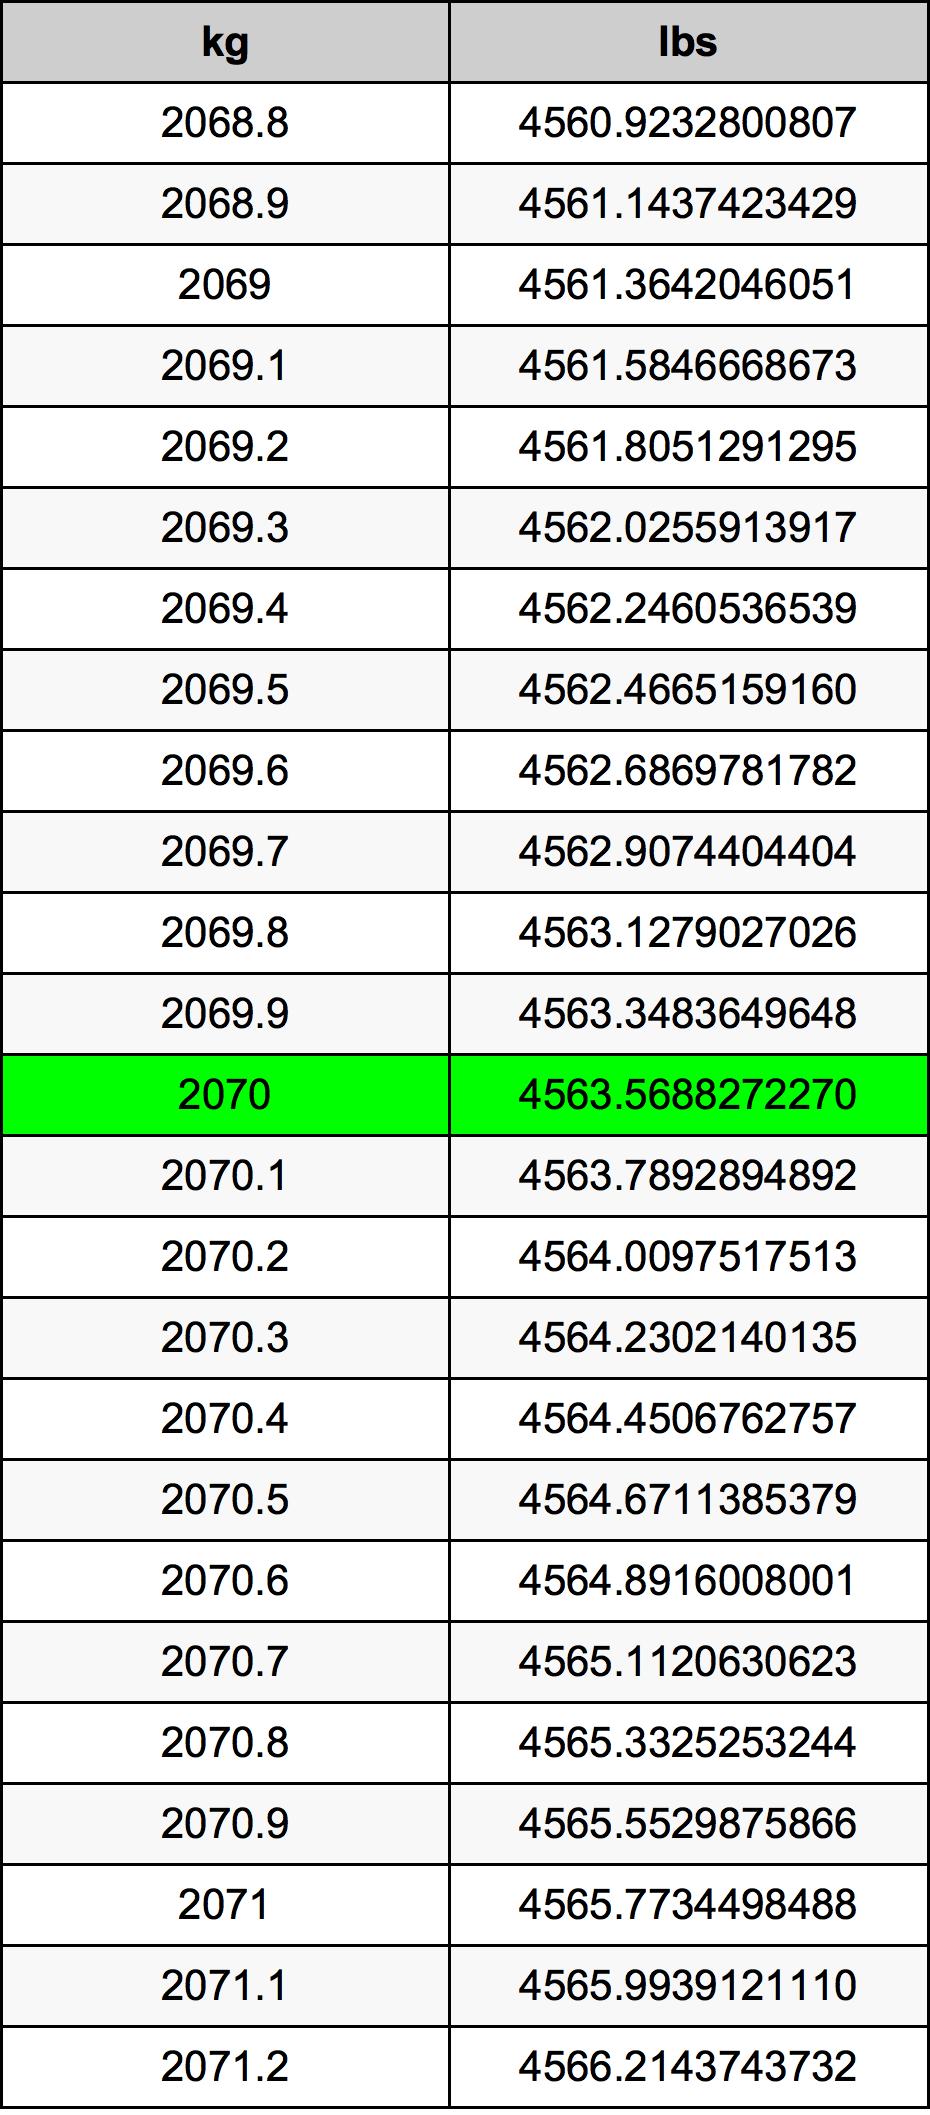 2070 Kilogramme table de conversion